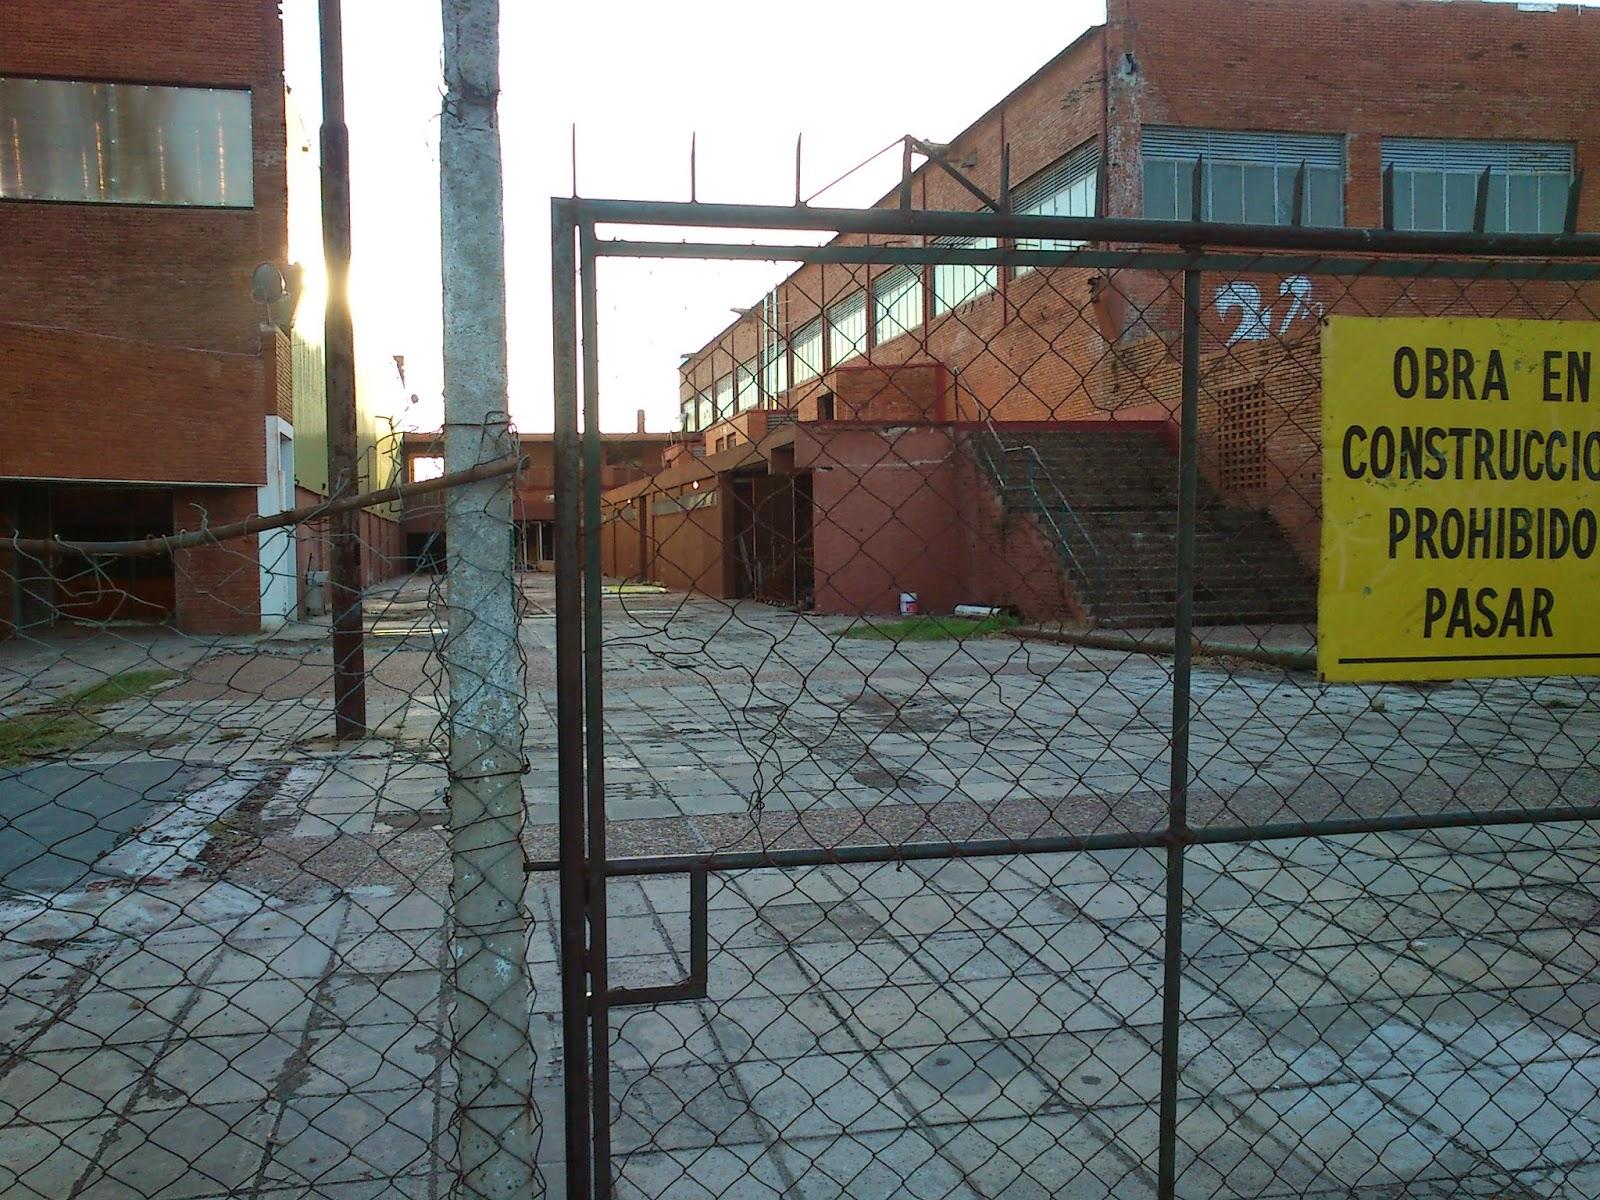 ¿Qué sucederá con el Parque Sarmiento?